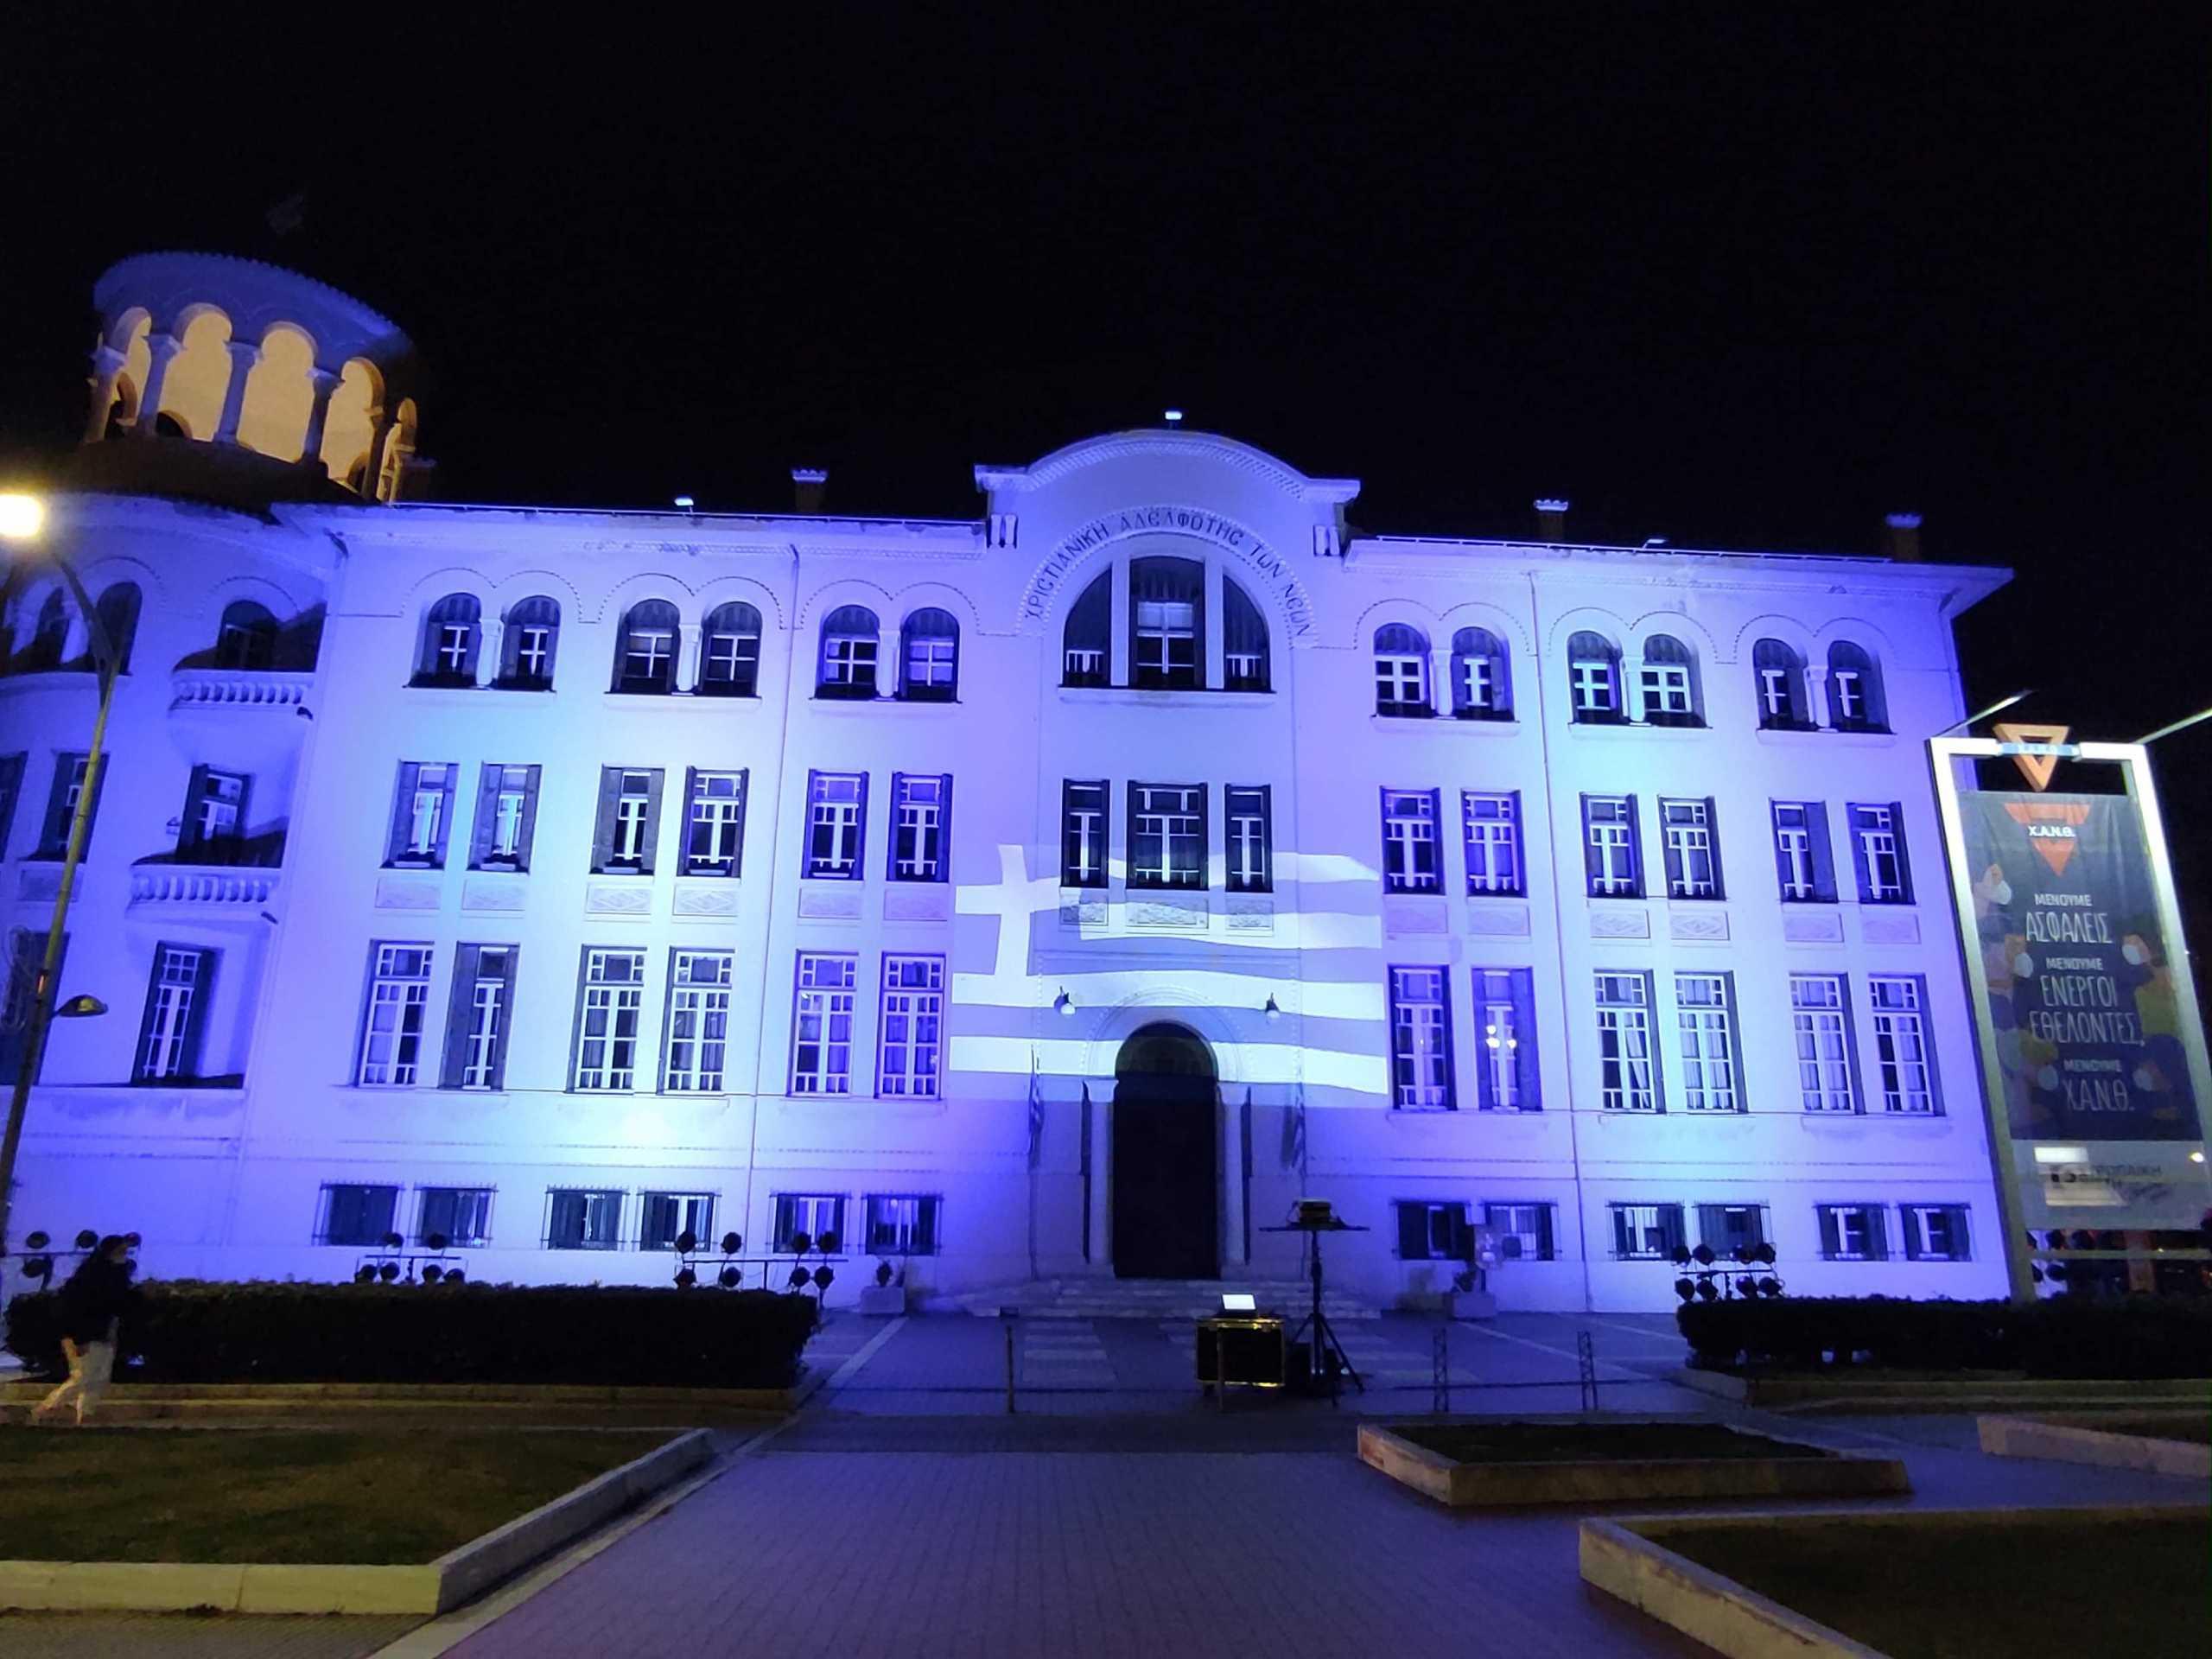 Θεσσαλονίκη: Στα γαλανόλευκα το εμβληματικό κτίριο της ΧΑΝΘ – Τιμή στους ήρωες του 1821